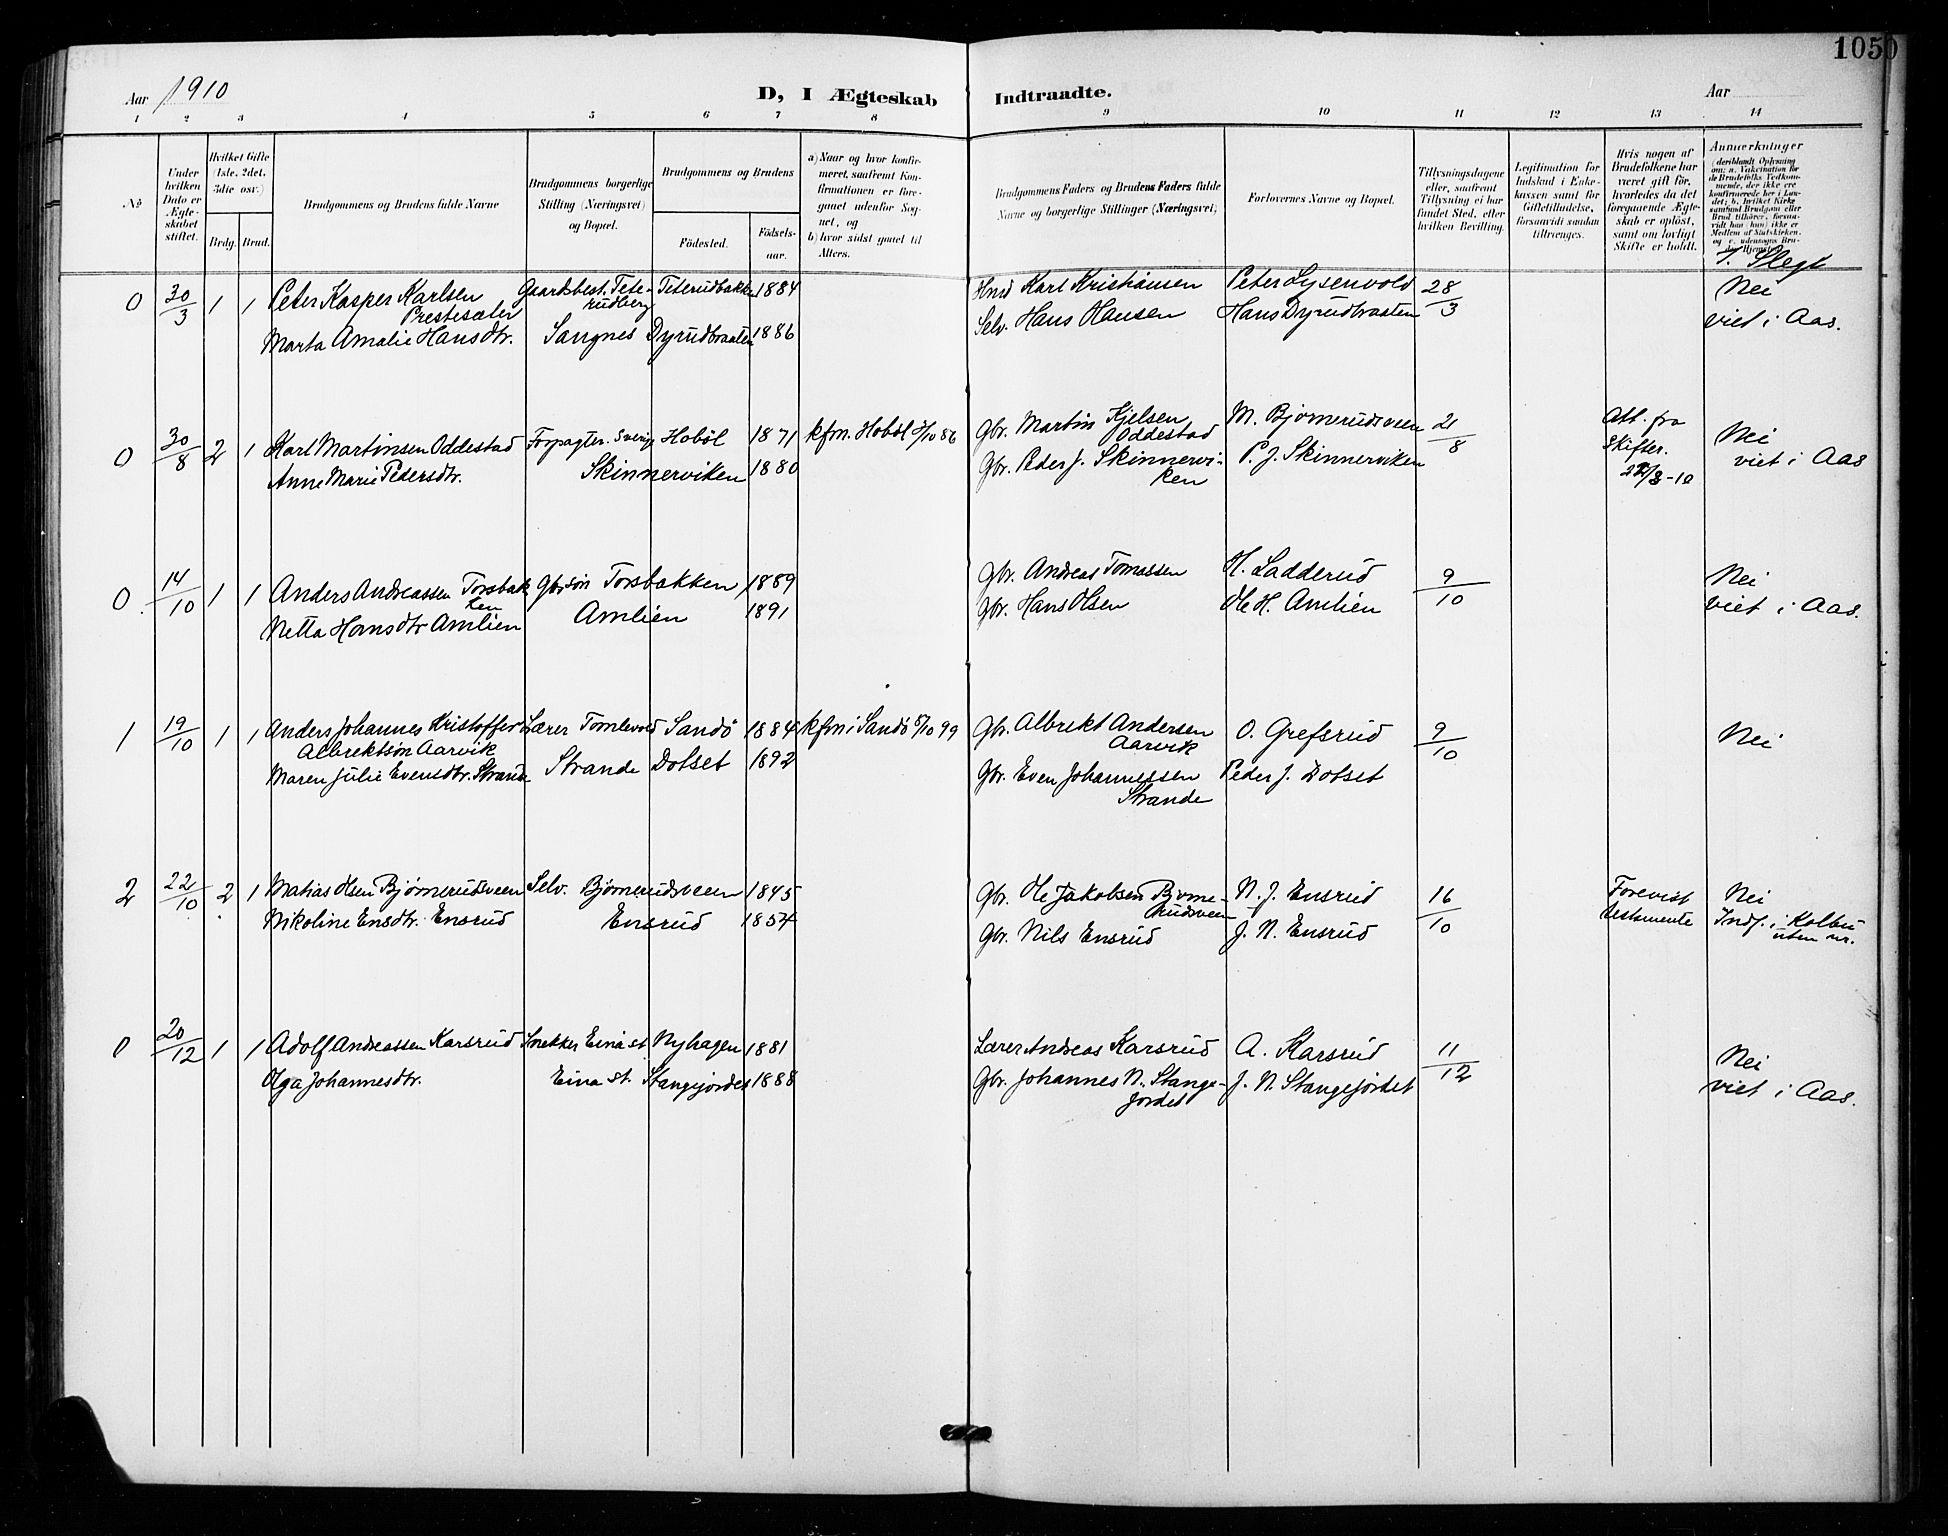 SAH, Vestre Toten prestekontor, Klokkerbok nr. 16, 1901-1915, s. 105